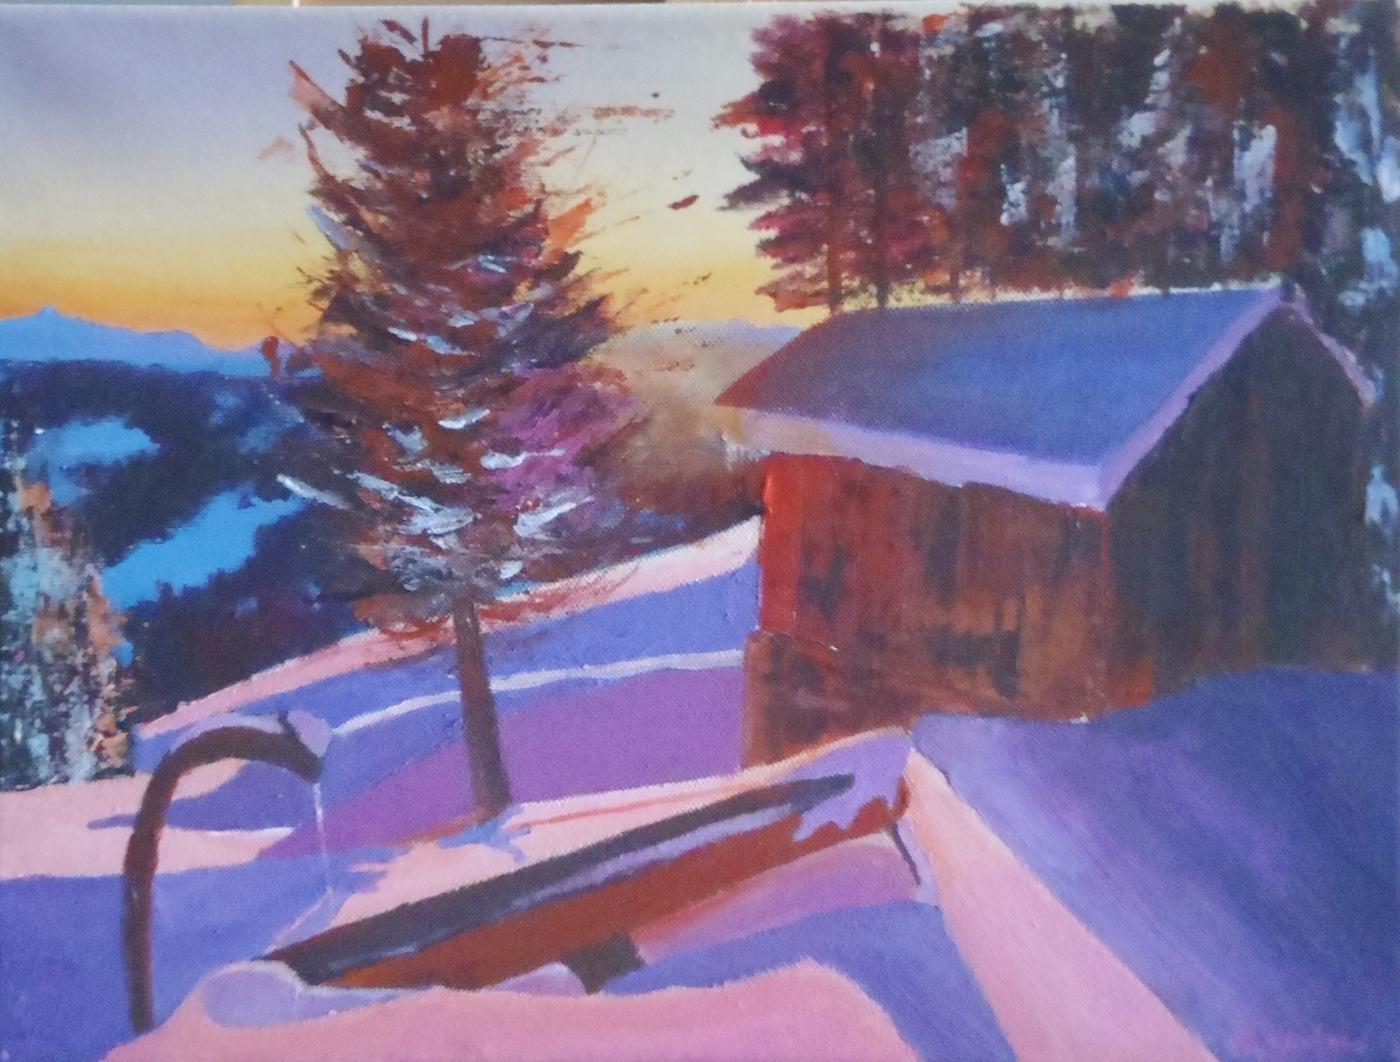 Cabane en bois enneigée et sapin